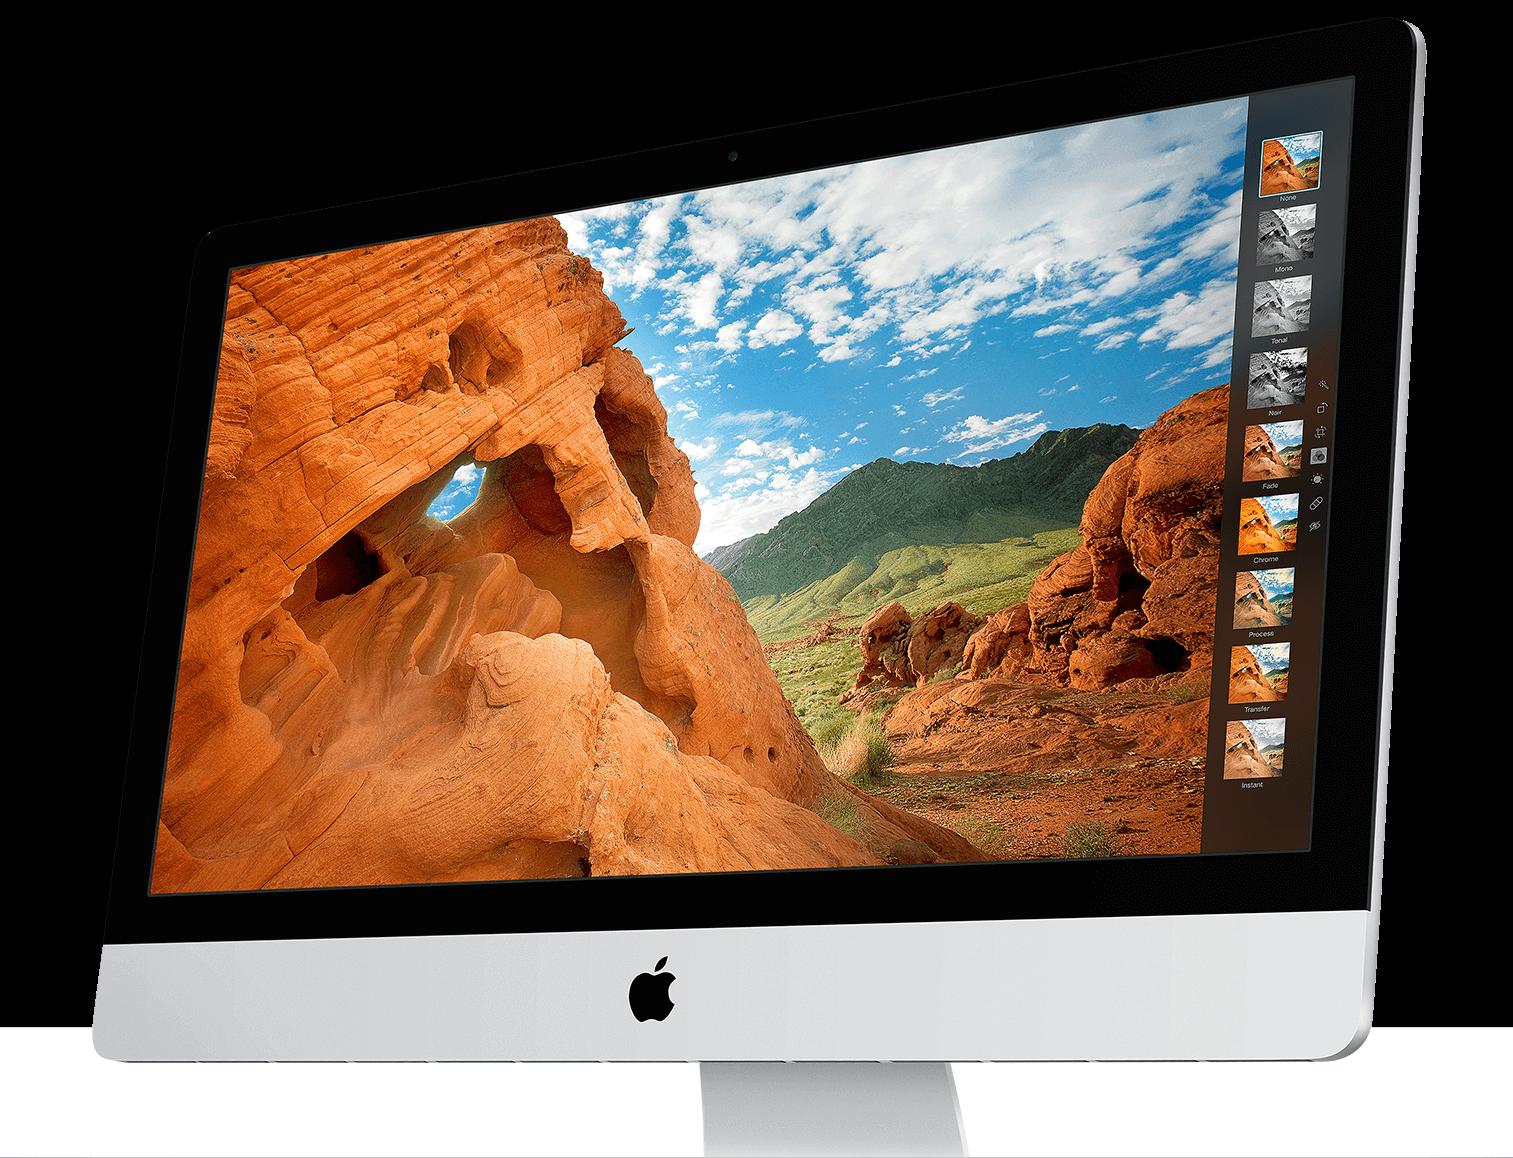 iMac Retina 5 image 3